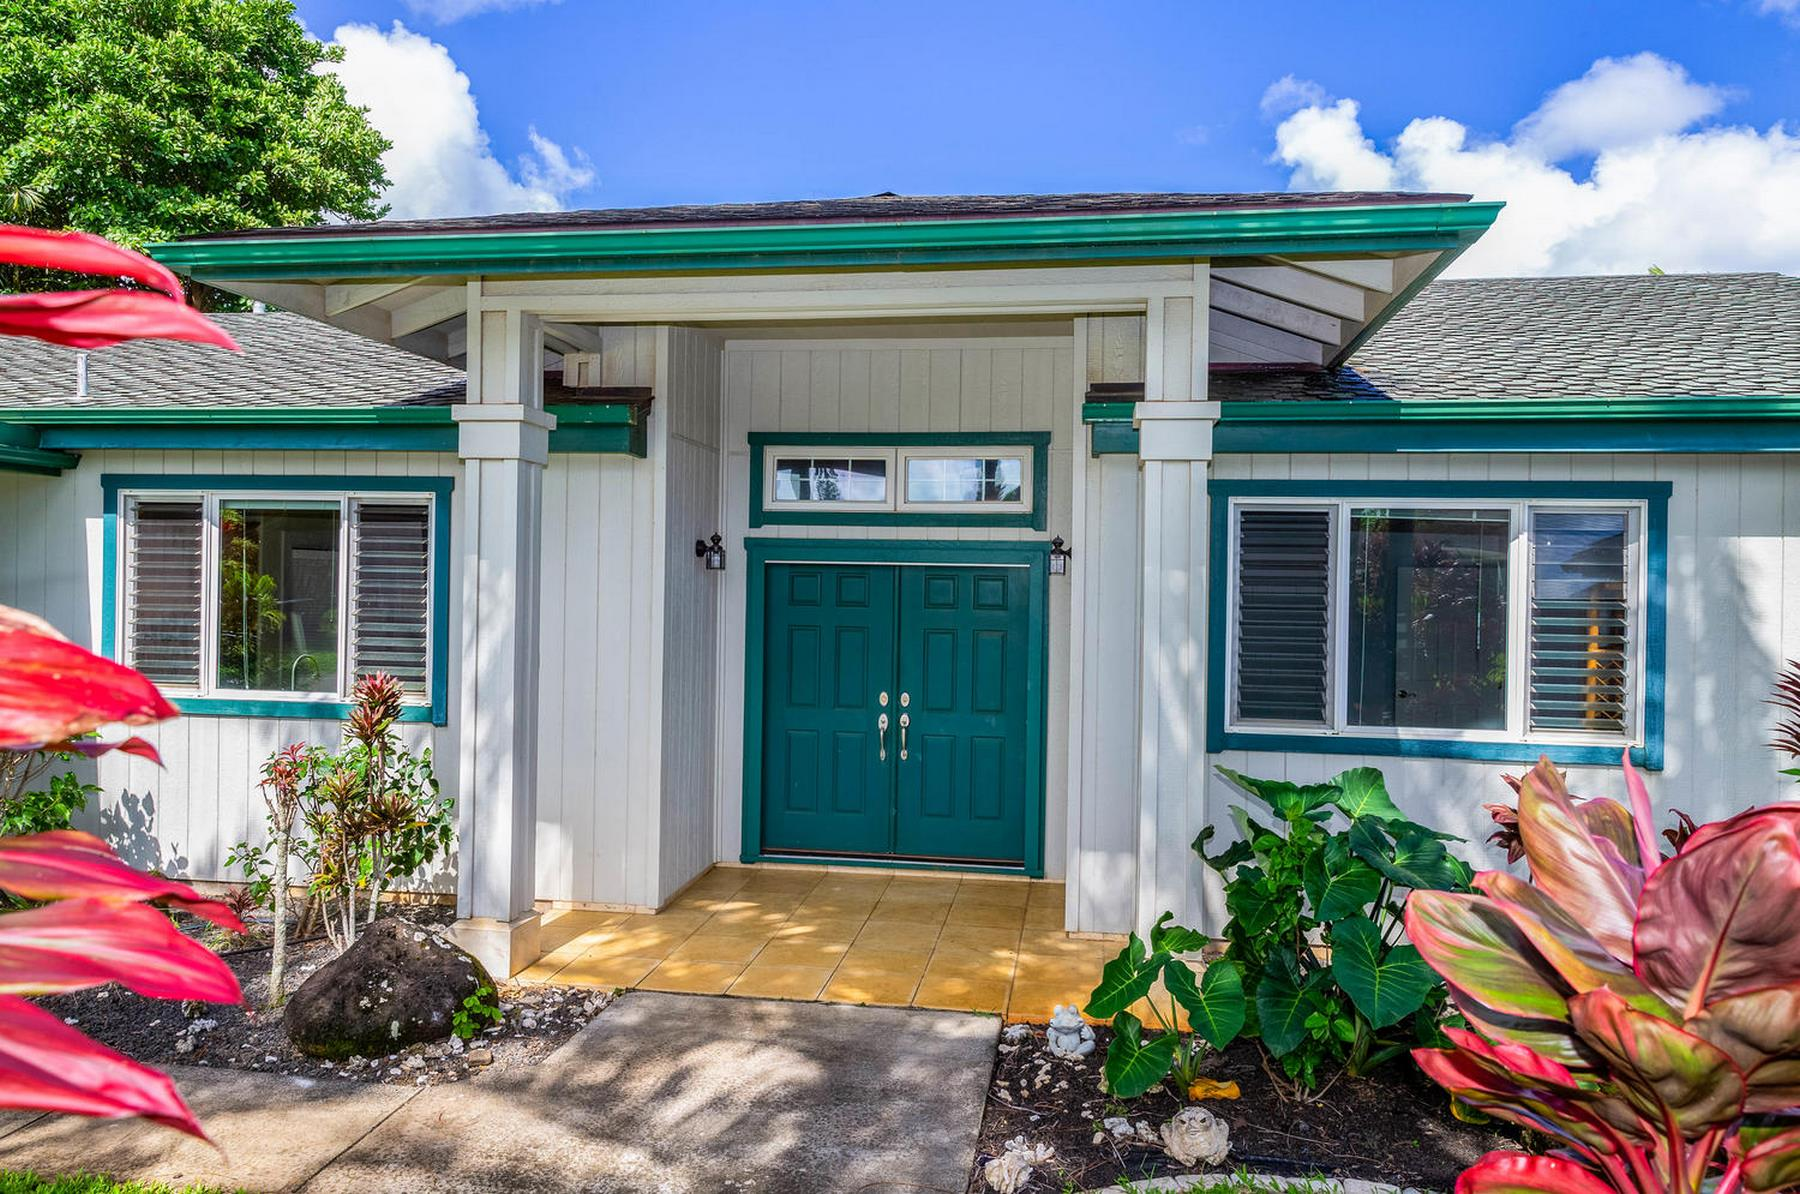 独户住宅 为 销售 在 5145 Iolani Place 5145 Iolani Place 普林斯维尔, 夏威夷 96722 美国